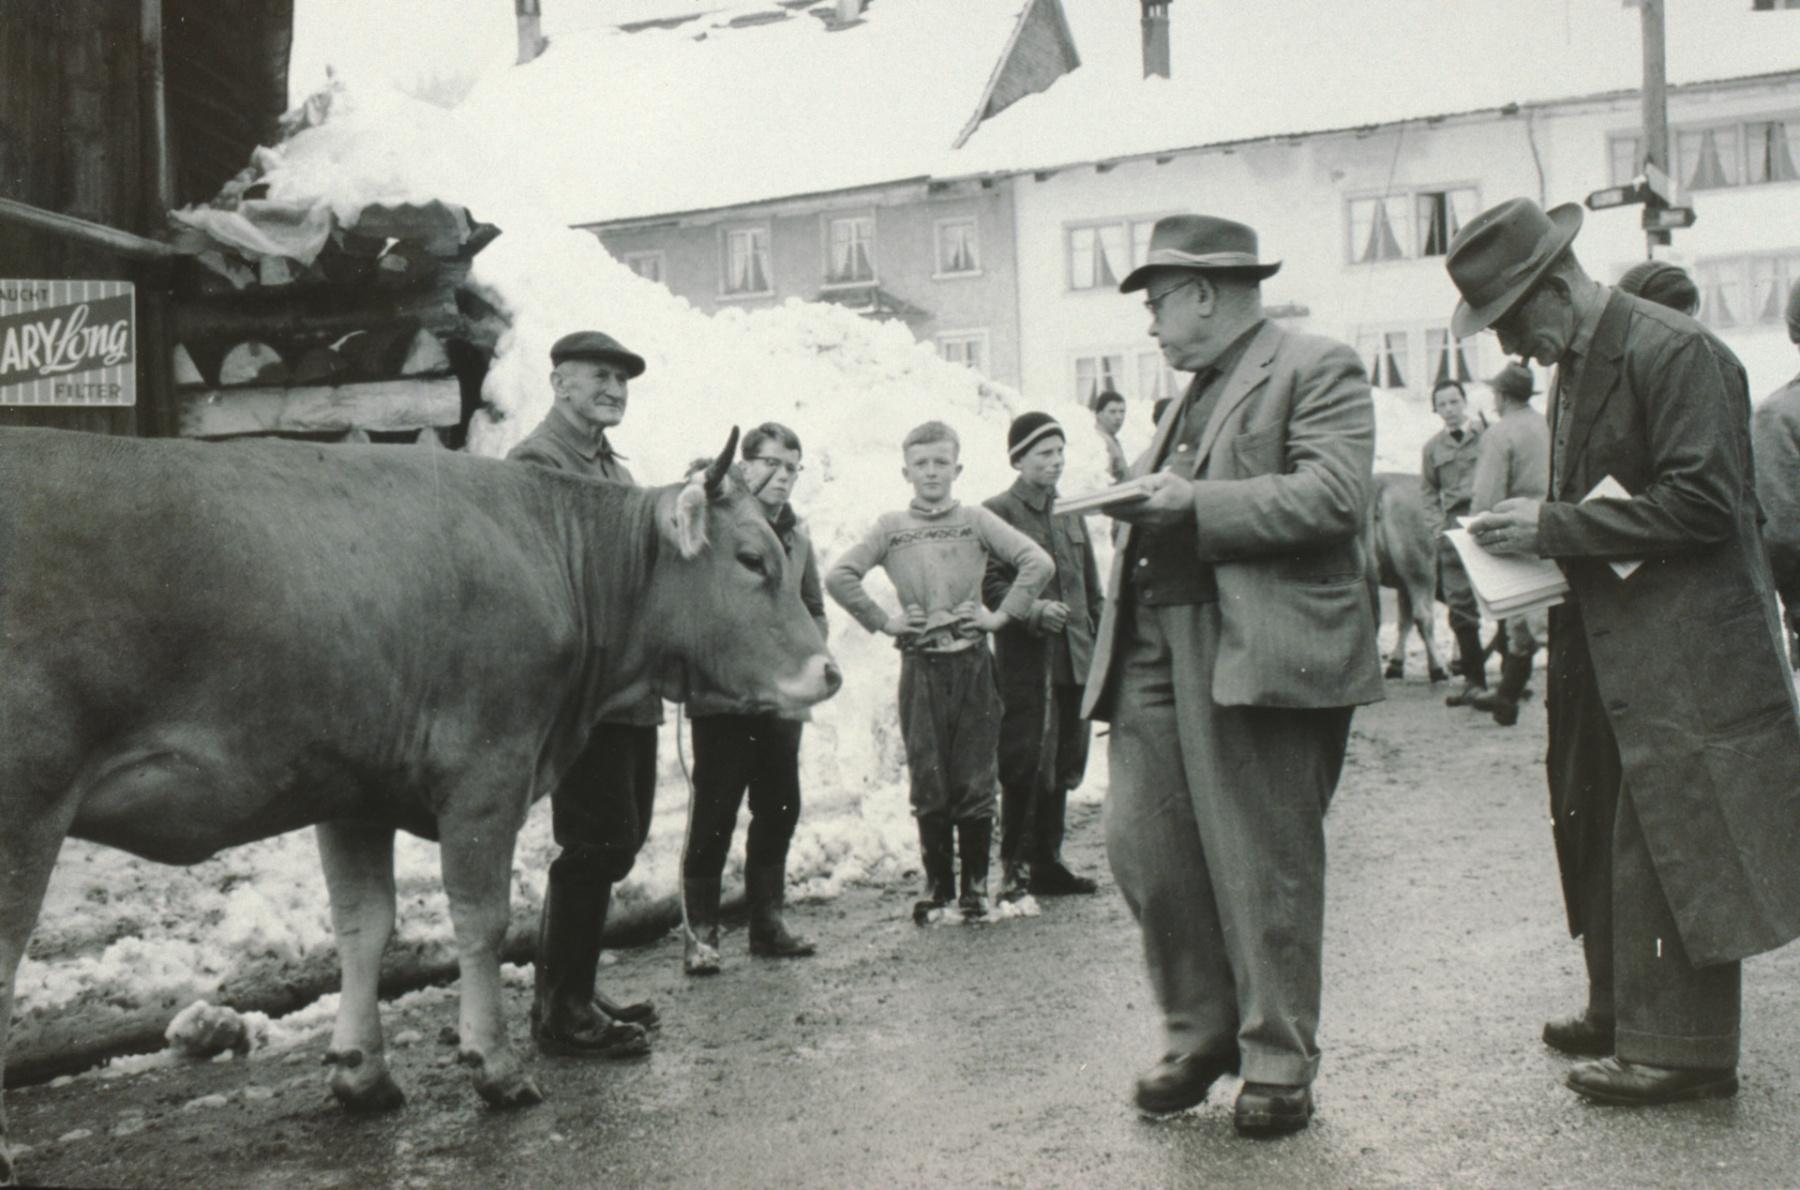 Viehprämierung Berg in Kleinbäretswil, vlnr Köbi Egli (Vogelsang Köbi), Albert Egli jun., Ueli Gentner, Dölf Litschi, NN, Experte, Fredi Litschi, NN, Experte, imHG Flarzhäuser (Chloschter).